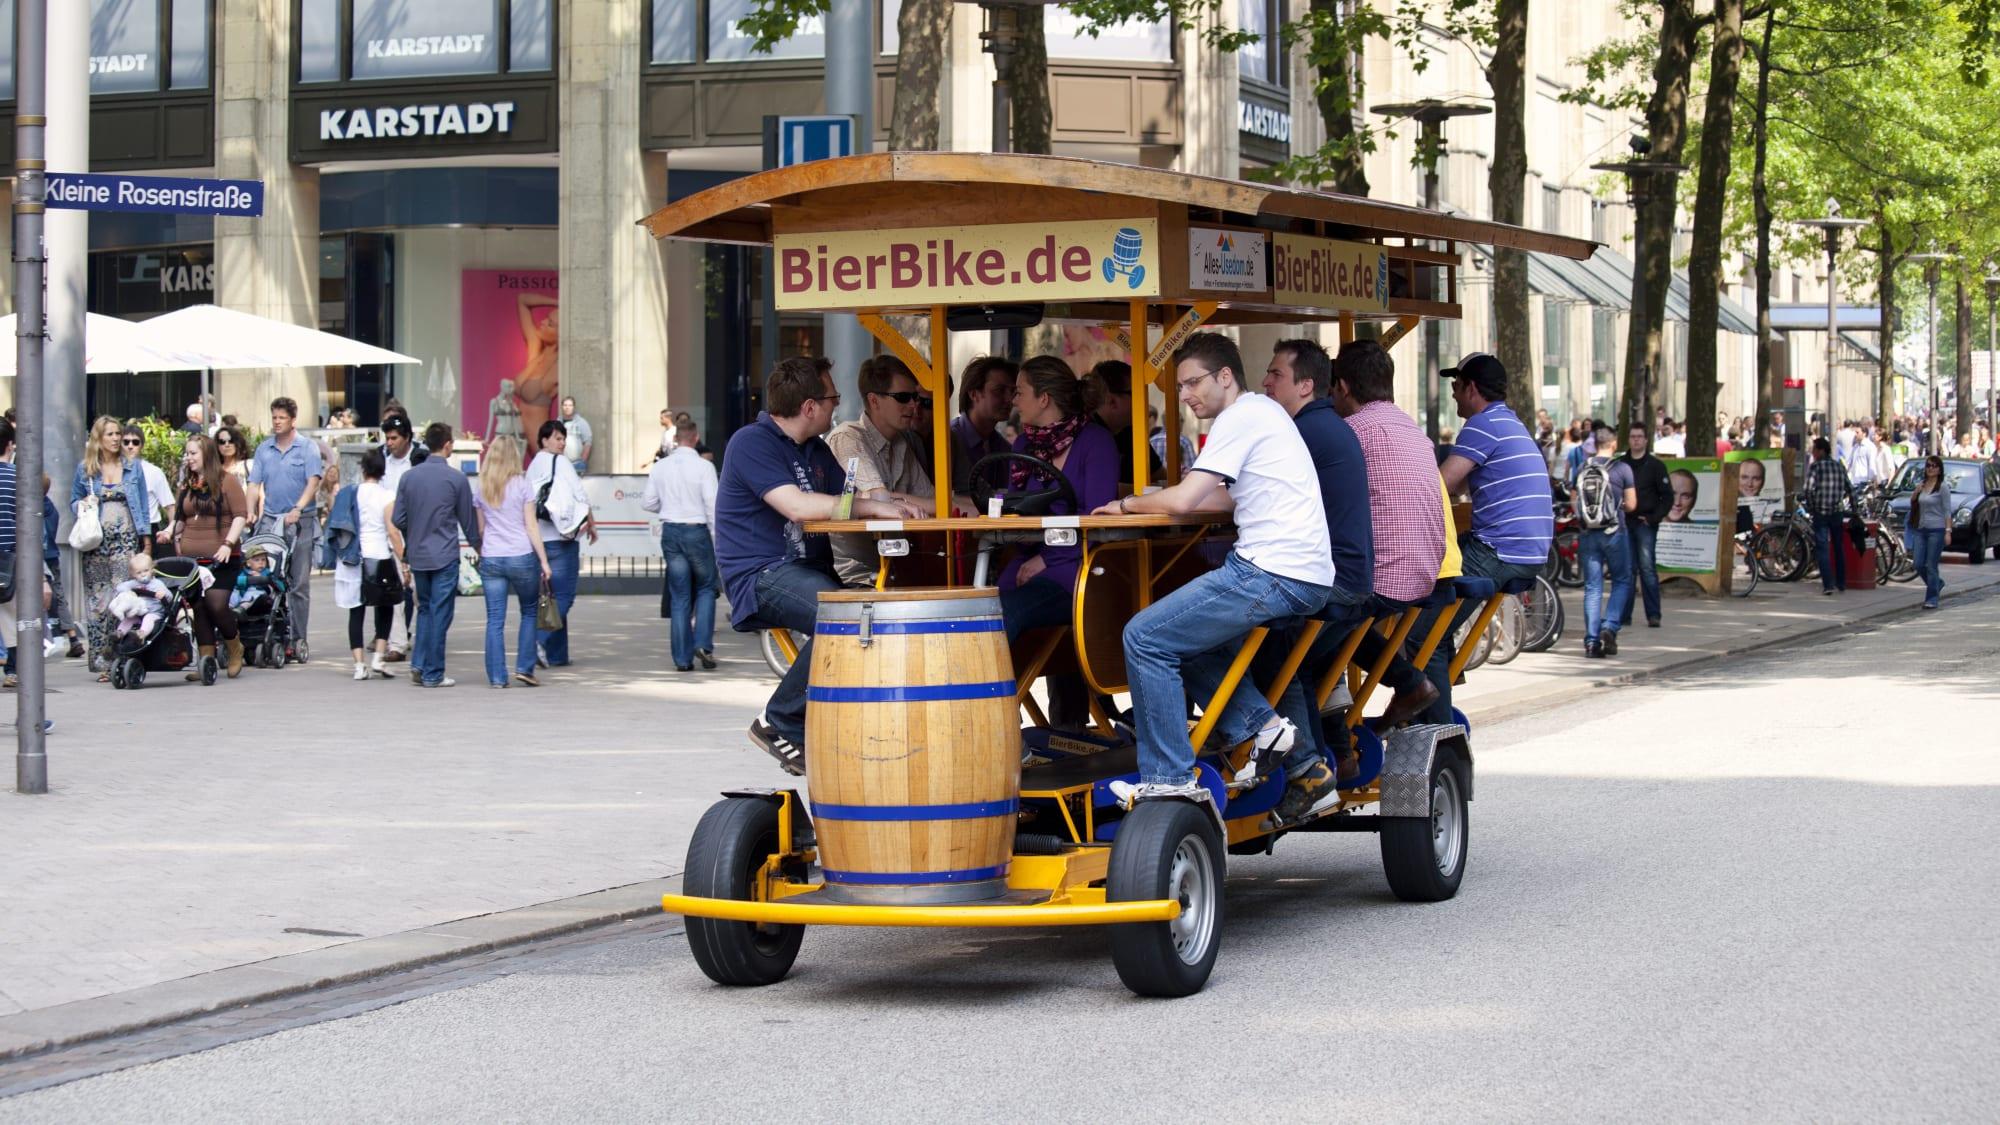 Menschen fahren auf Bierbike